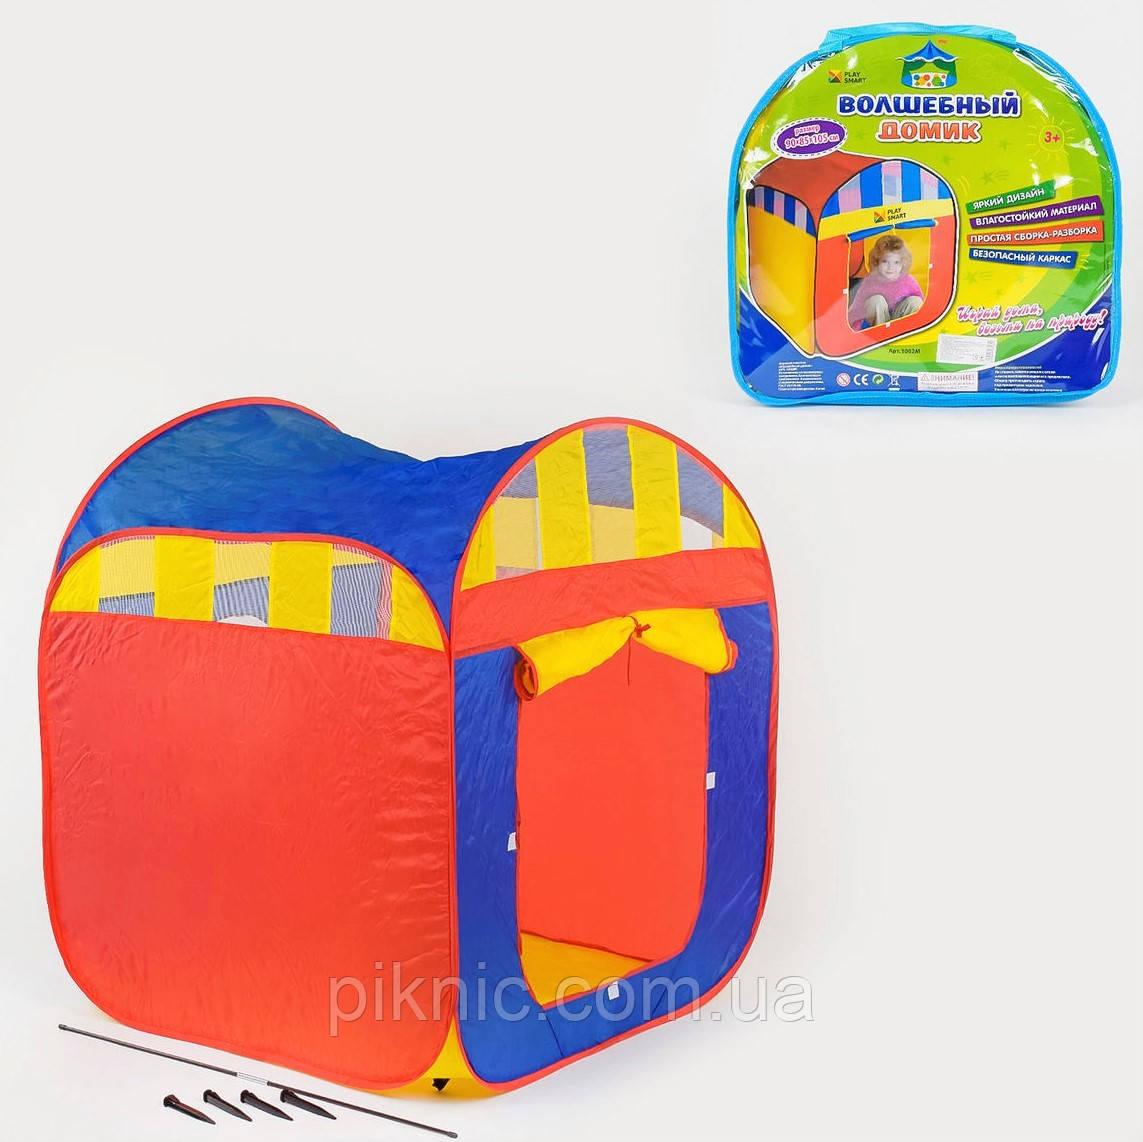 Детская палатка Волшебный домик 90х85х105 в сумке. Игровая палатка для детей